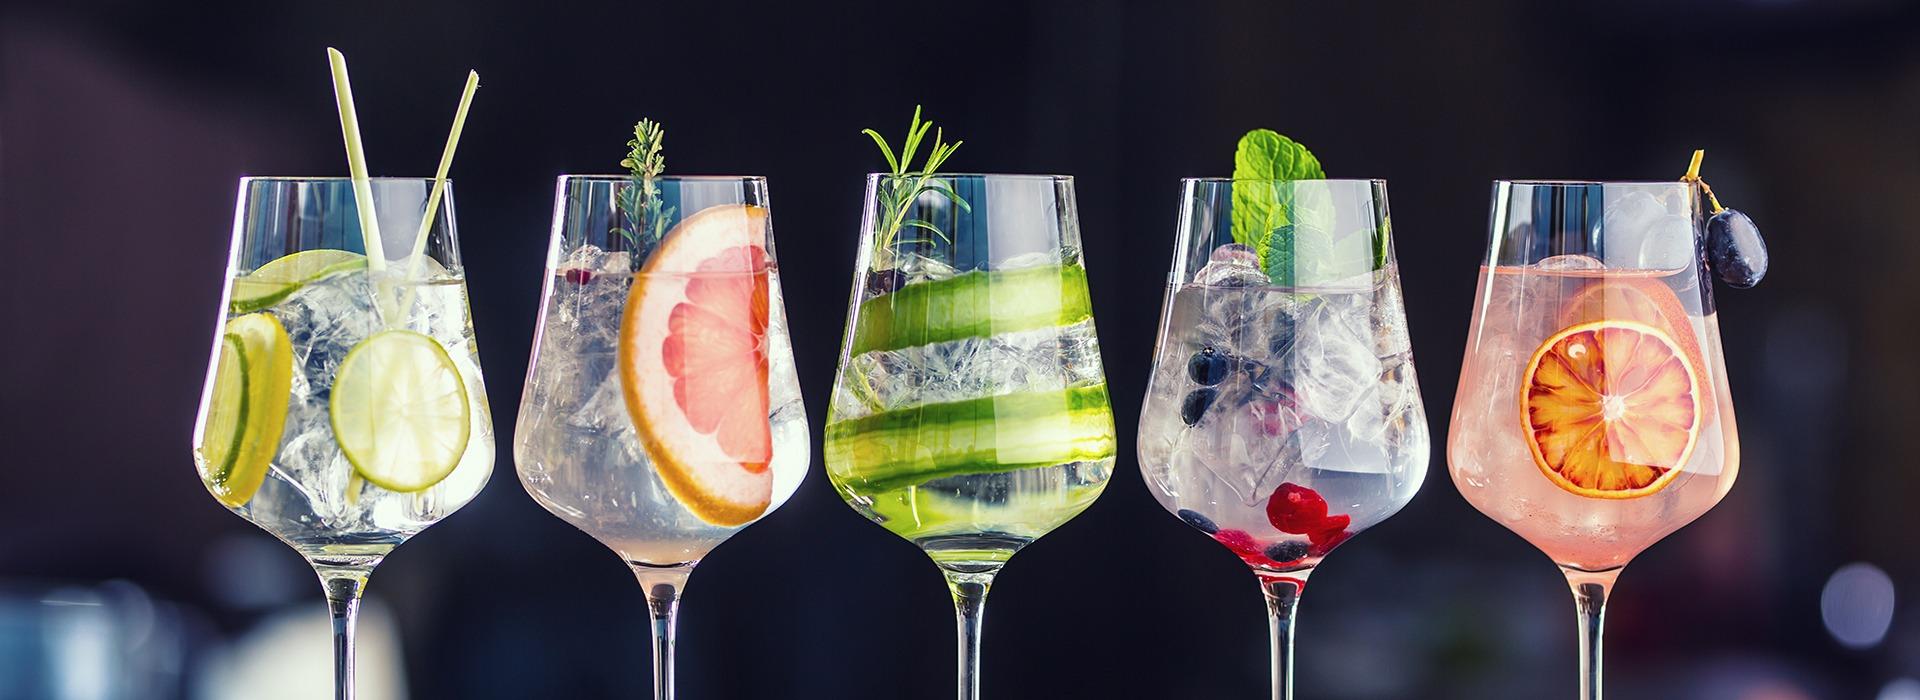 slide-cocktails-carosello